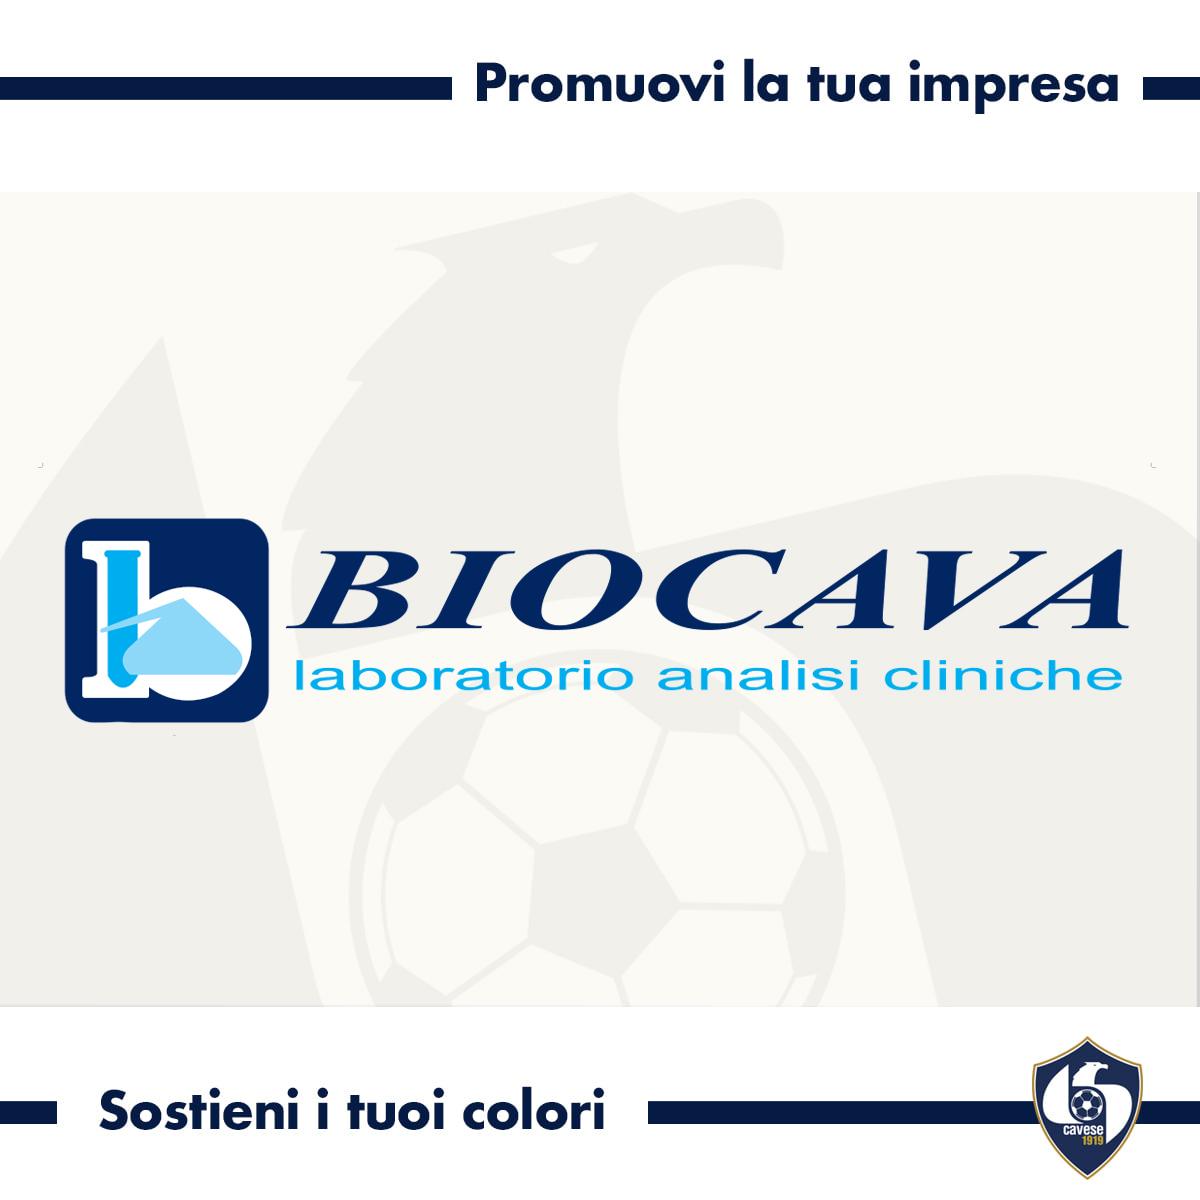 BIOCAVA Analisi Cliniche, moderno ed efficiente Laboratorio di Analisi Cliniche